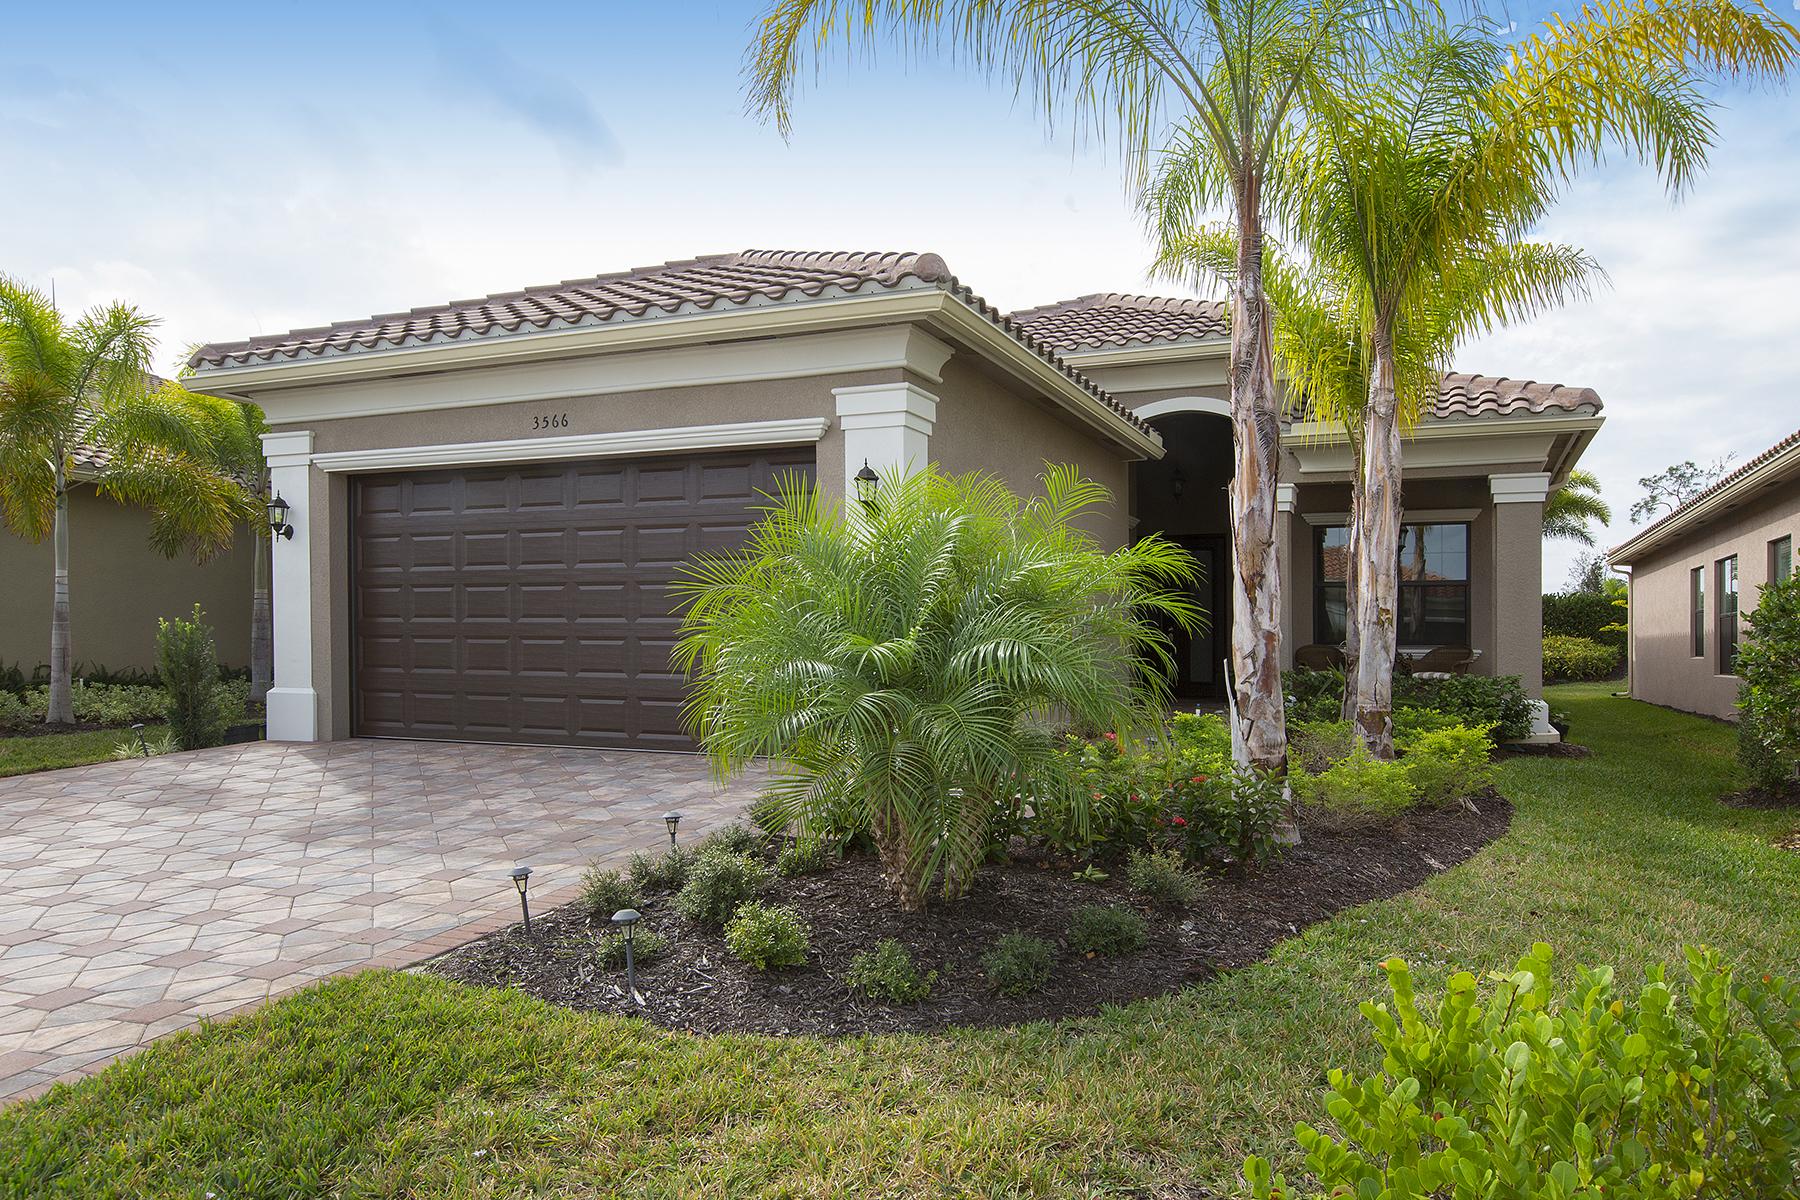 獨棟家庭住宅 為 出售 在 RIVERSTONE 3566 Beaufort Ct Naples, 佛羅里達州, 34119 美國